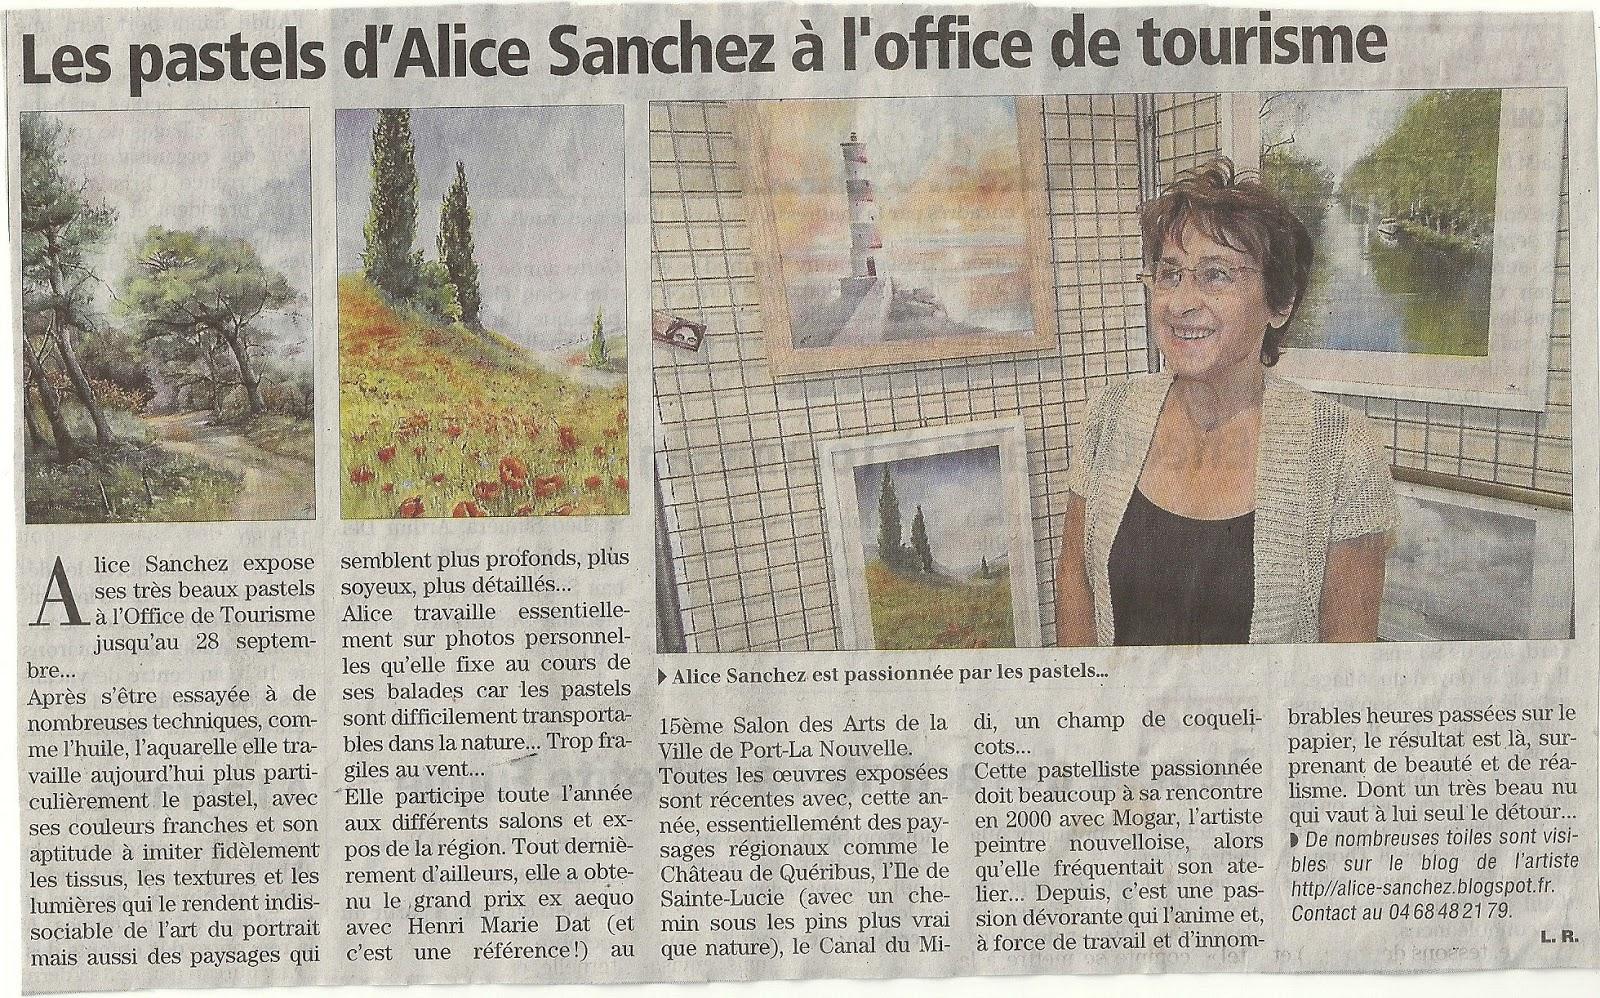 Traces de pastel expo l 39 office du tourisme de port la nouvelle - Office de tourisme port la nouvelle ...